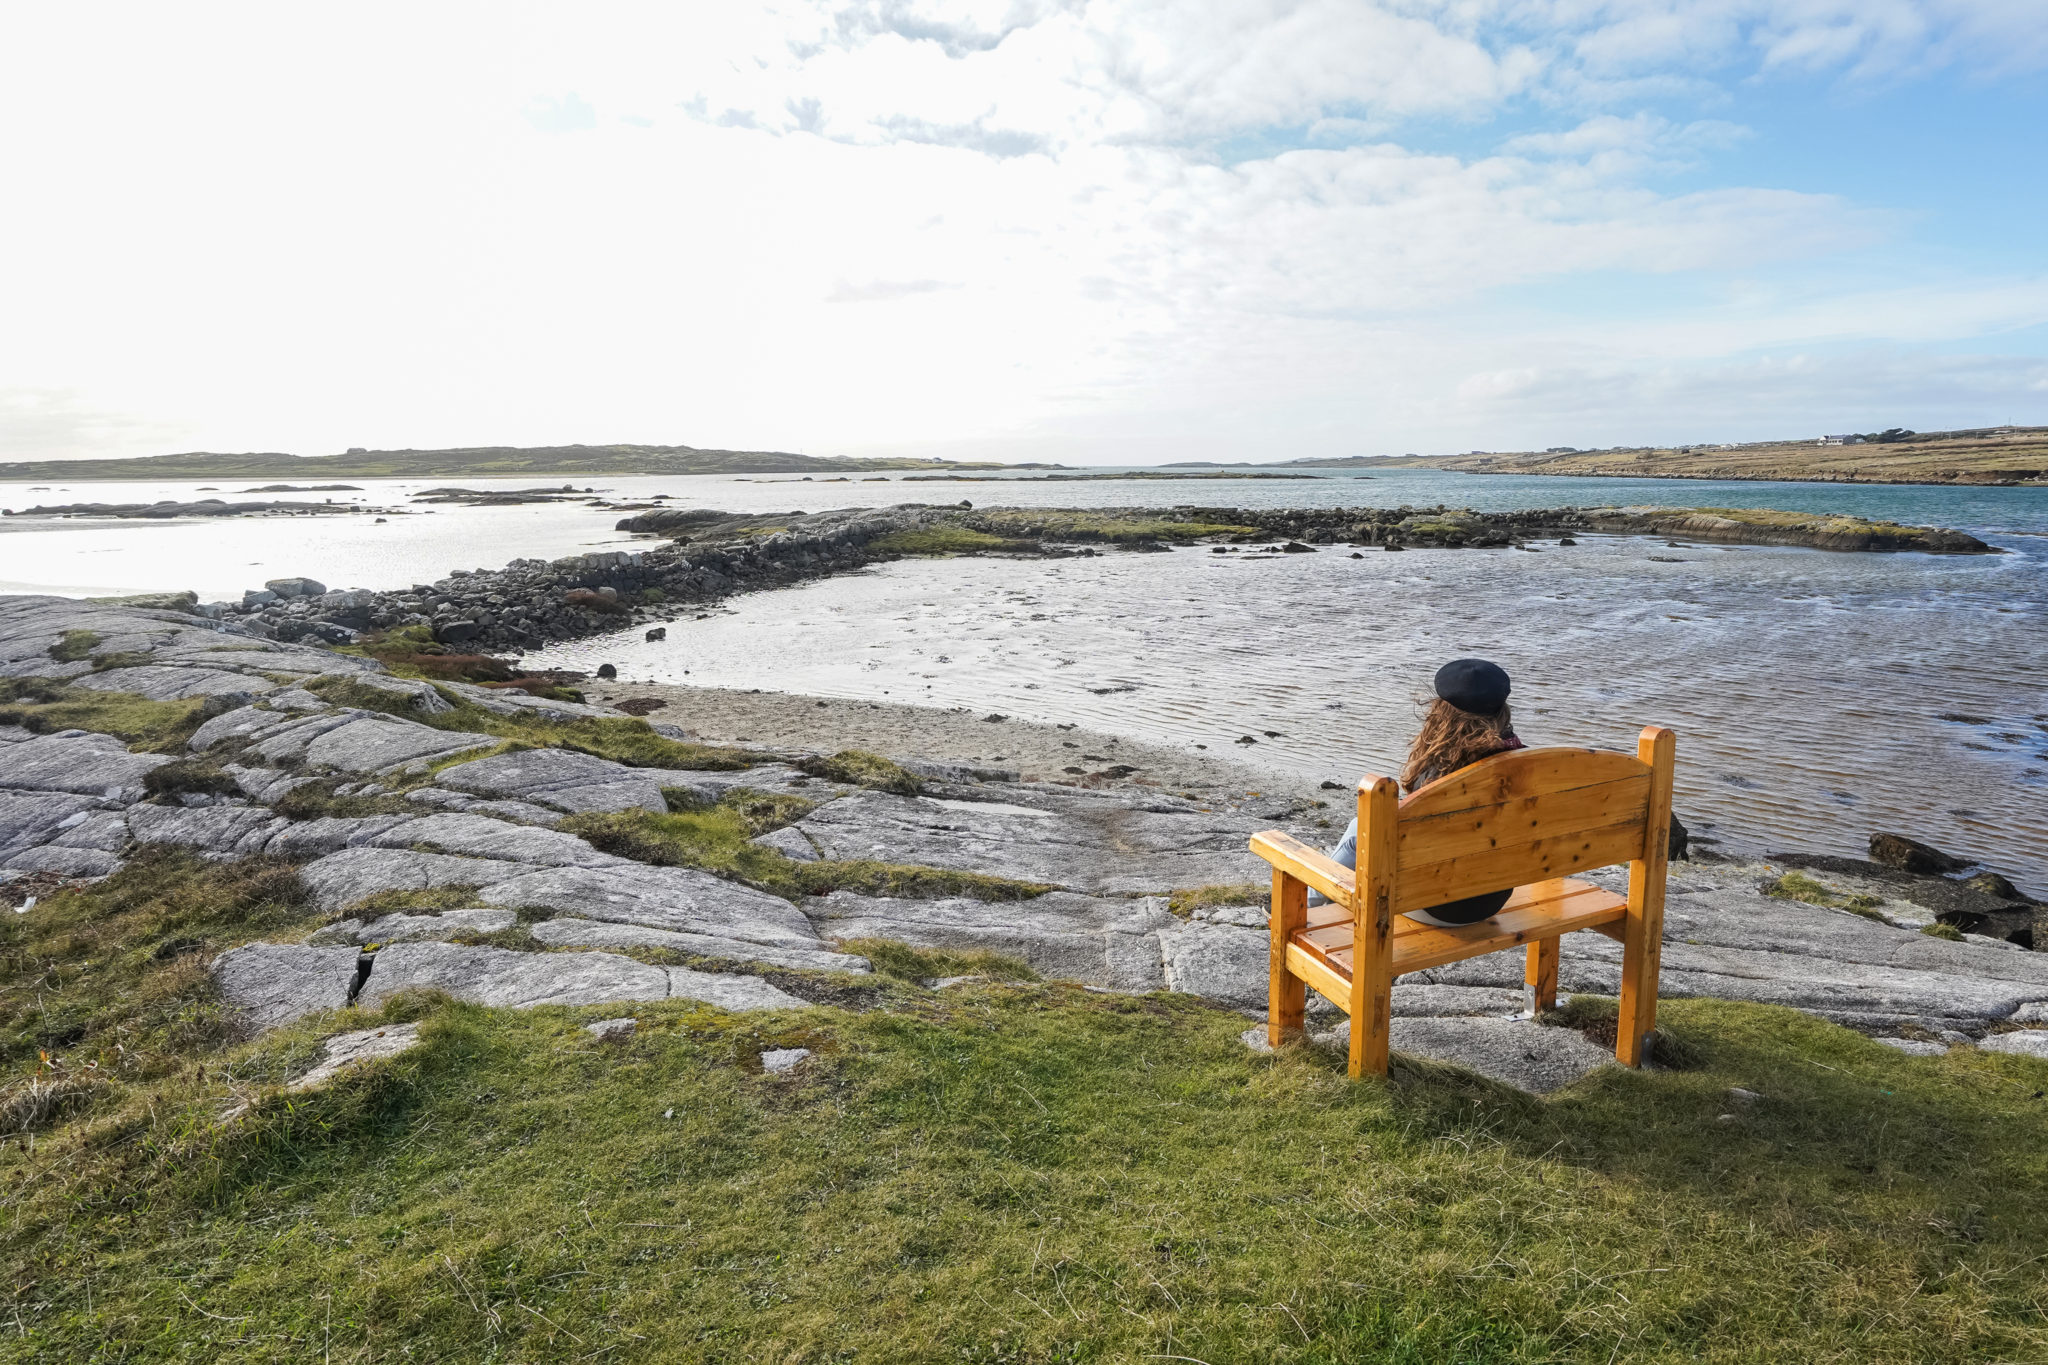 omey-island-irlande-visite-voyage-ile